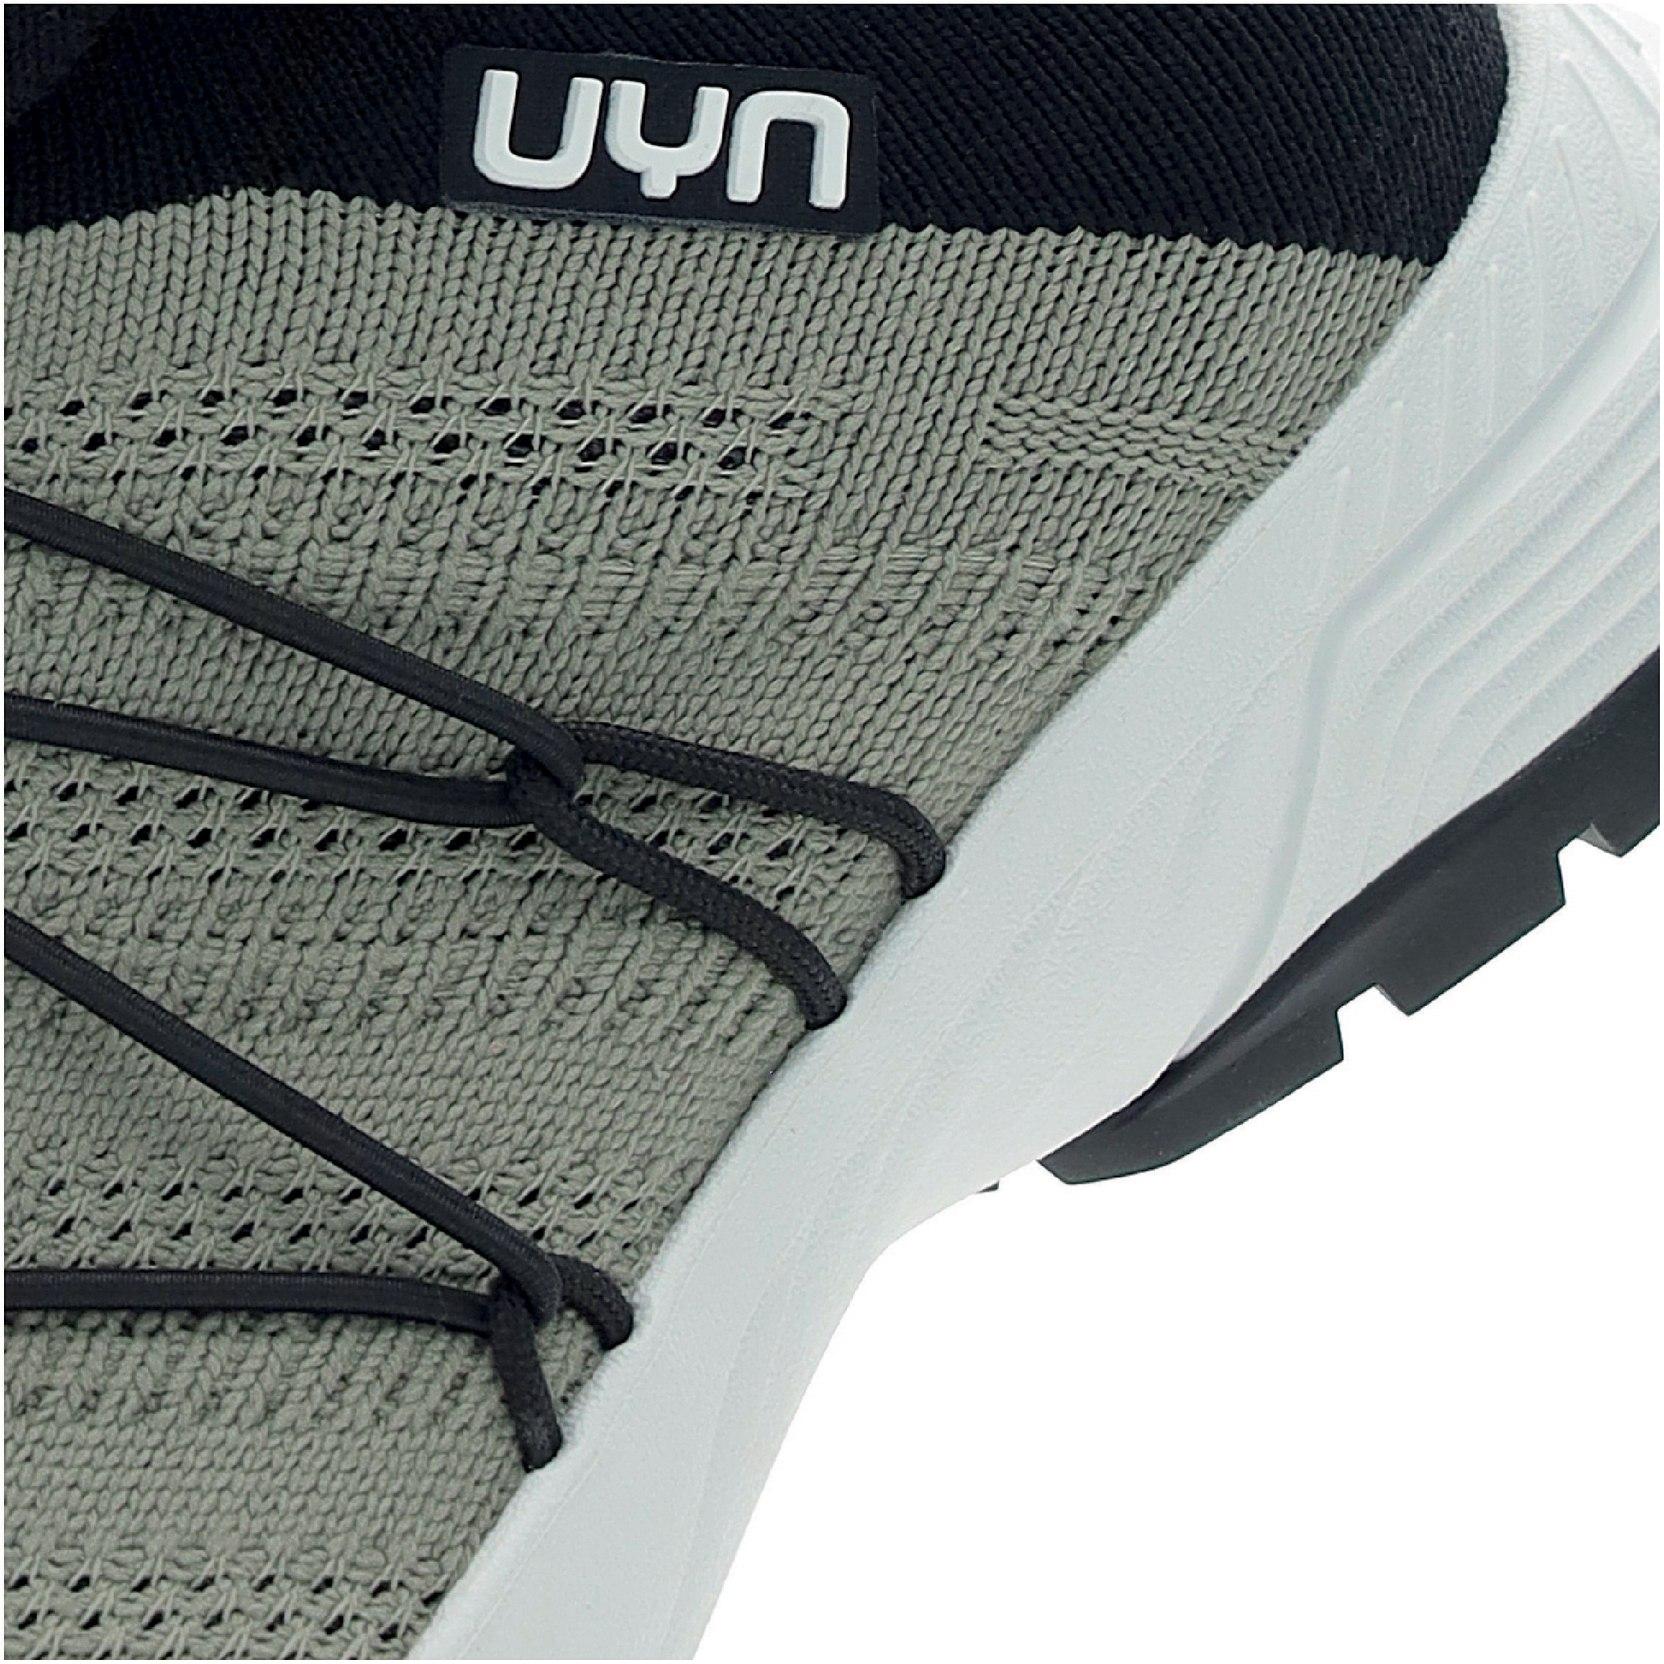 Bild von UYN Free Flow Tune Laufschuhe Damen - Beige